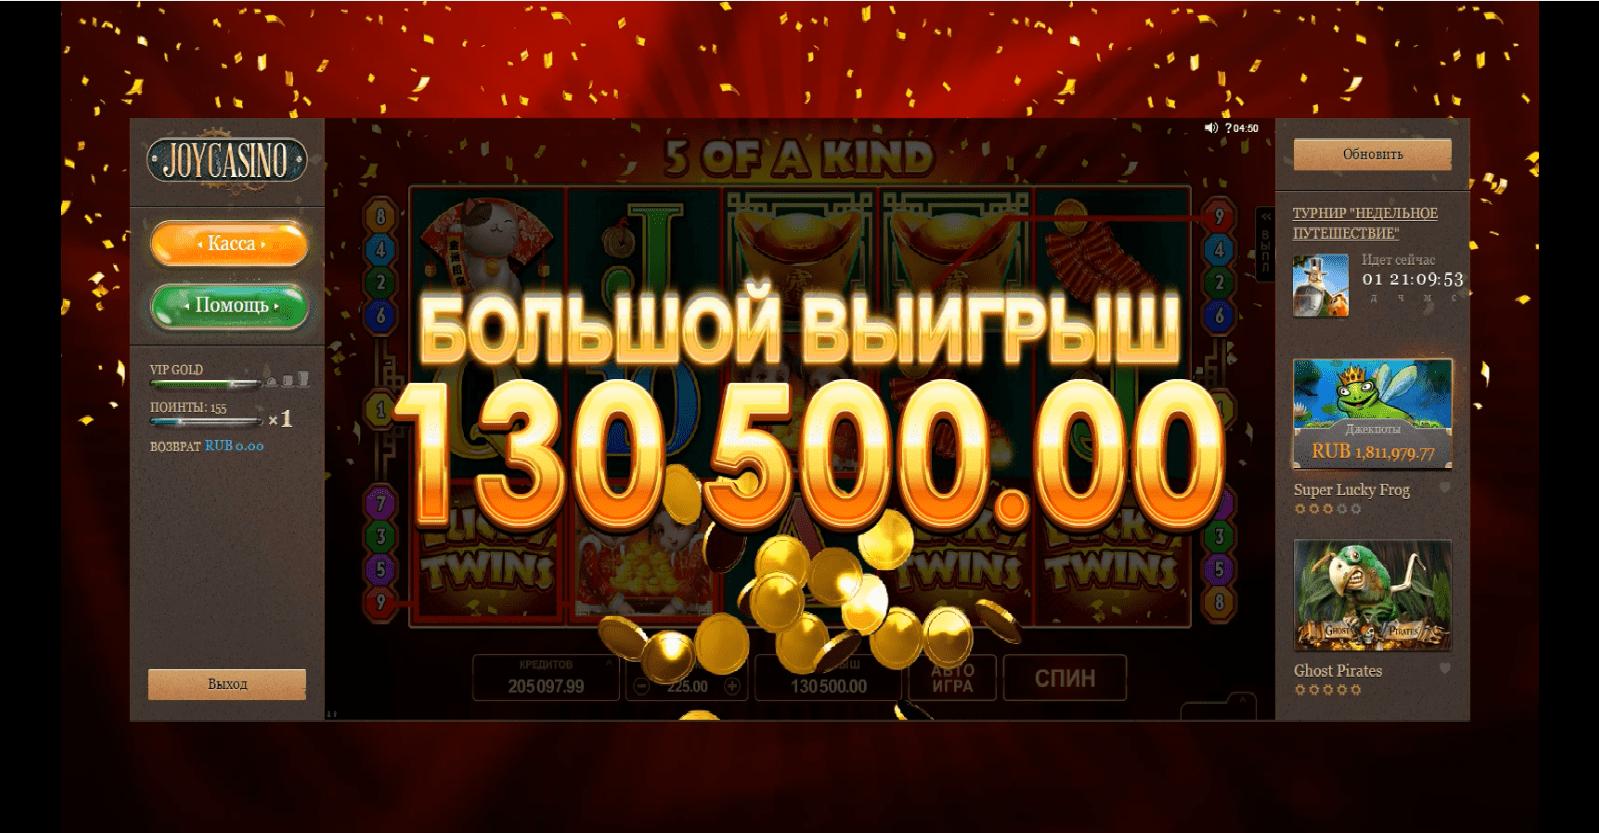 джой казино на деньги